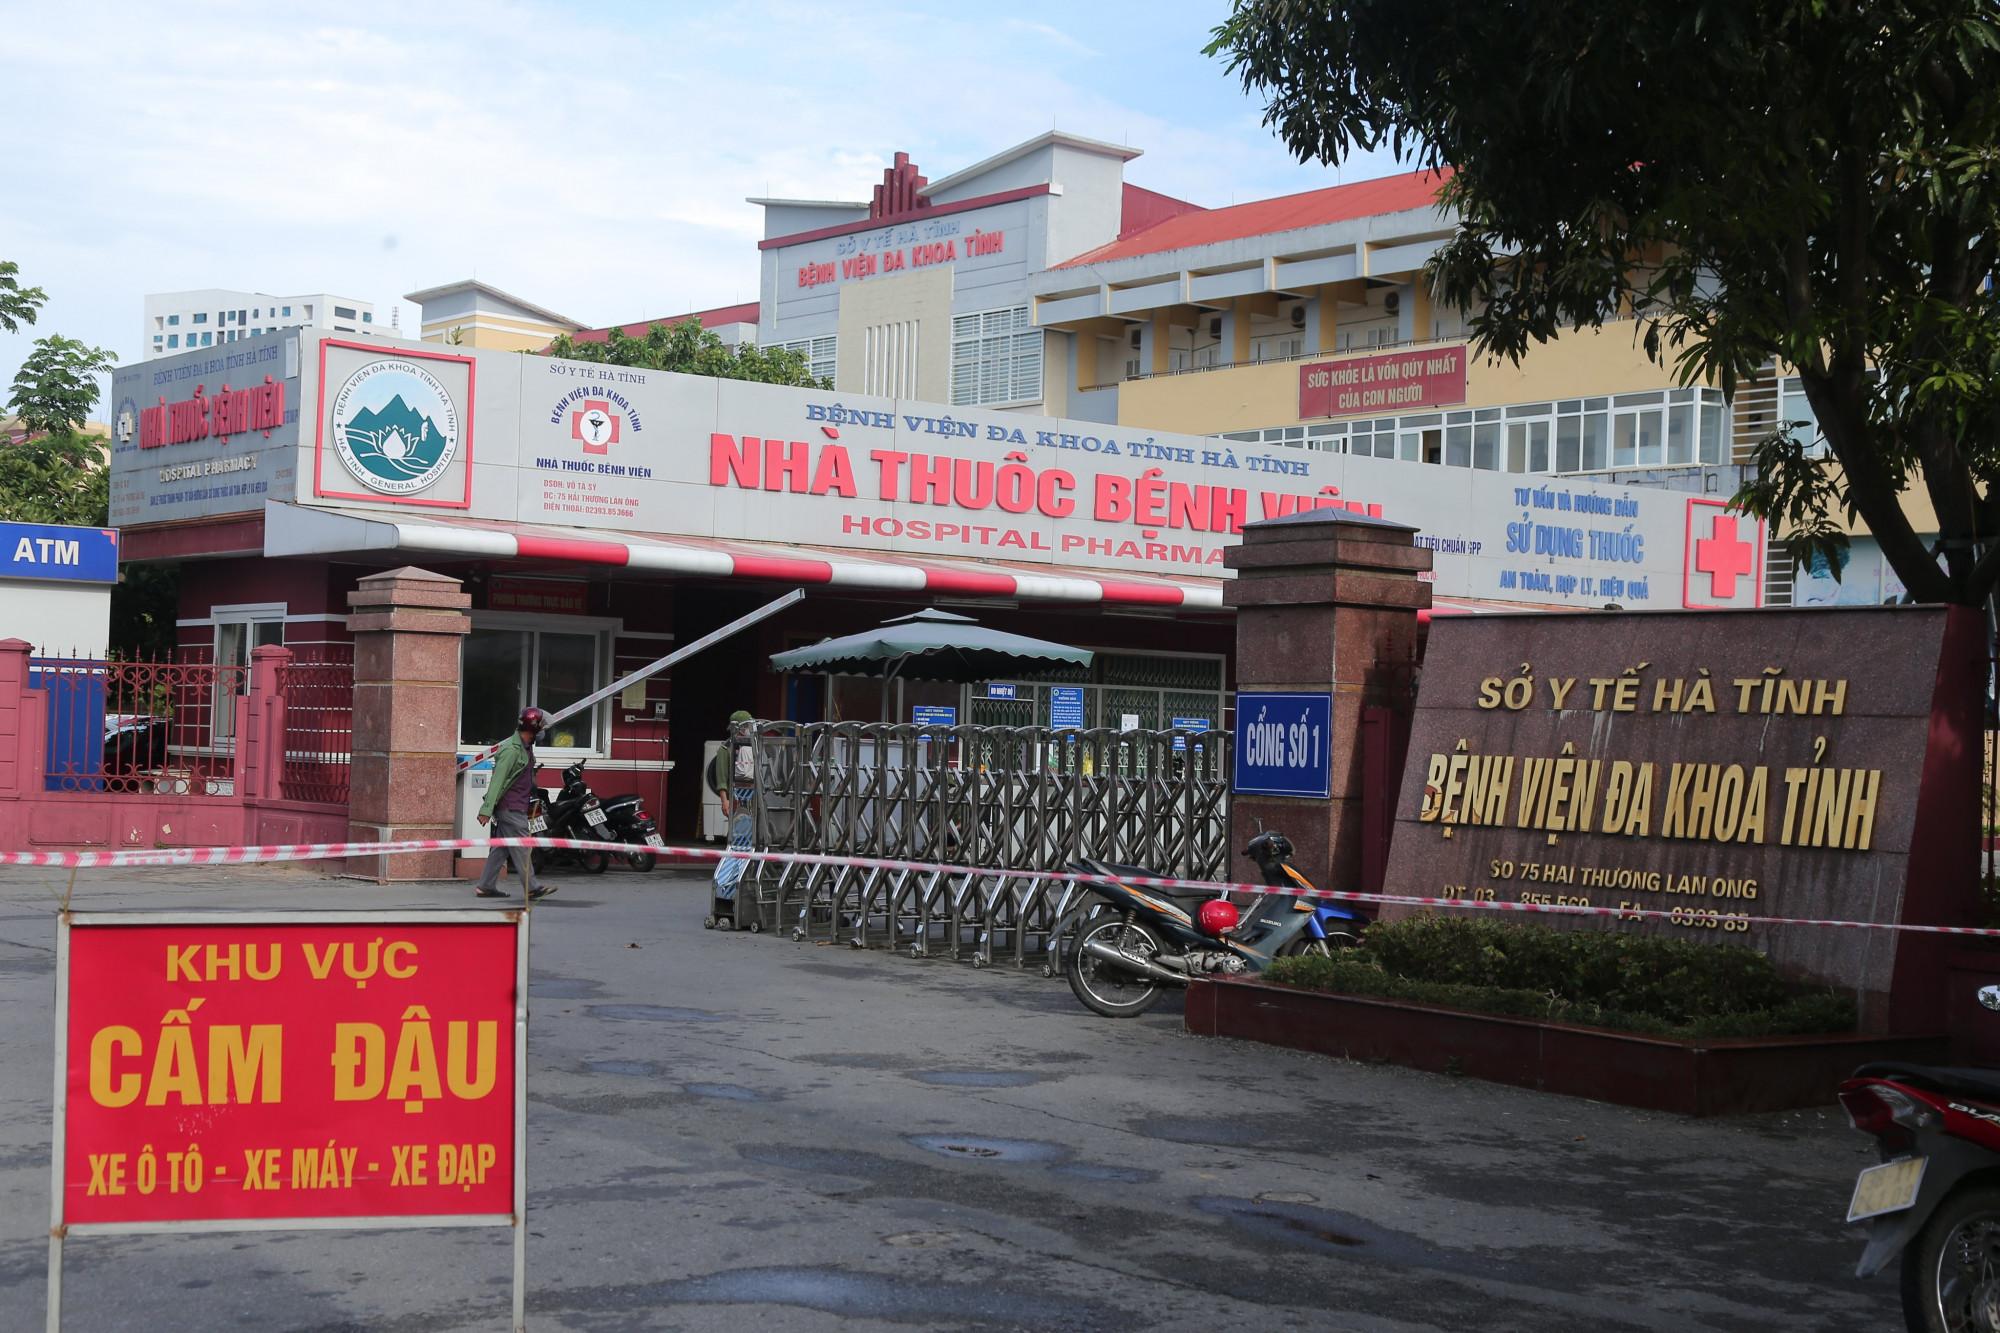 Bệnh viện đa khoa Hà Tĩnh bị phong tỏa sau khi phát hiện một cán bộ mắc COVID-19